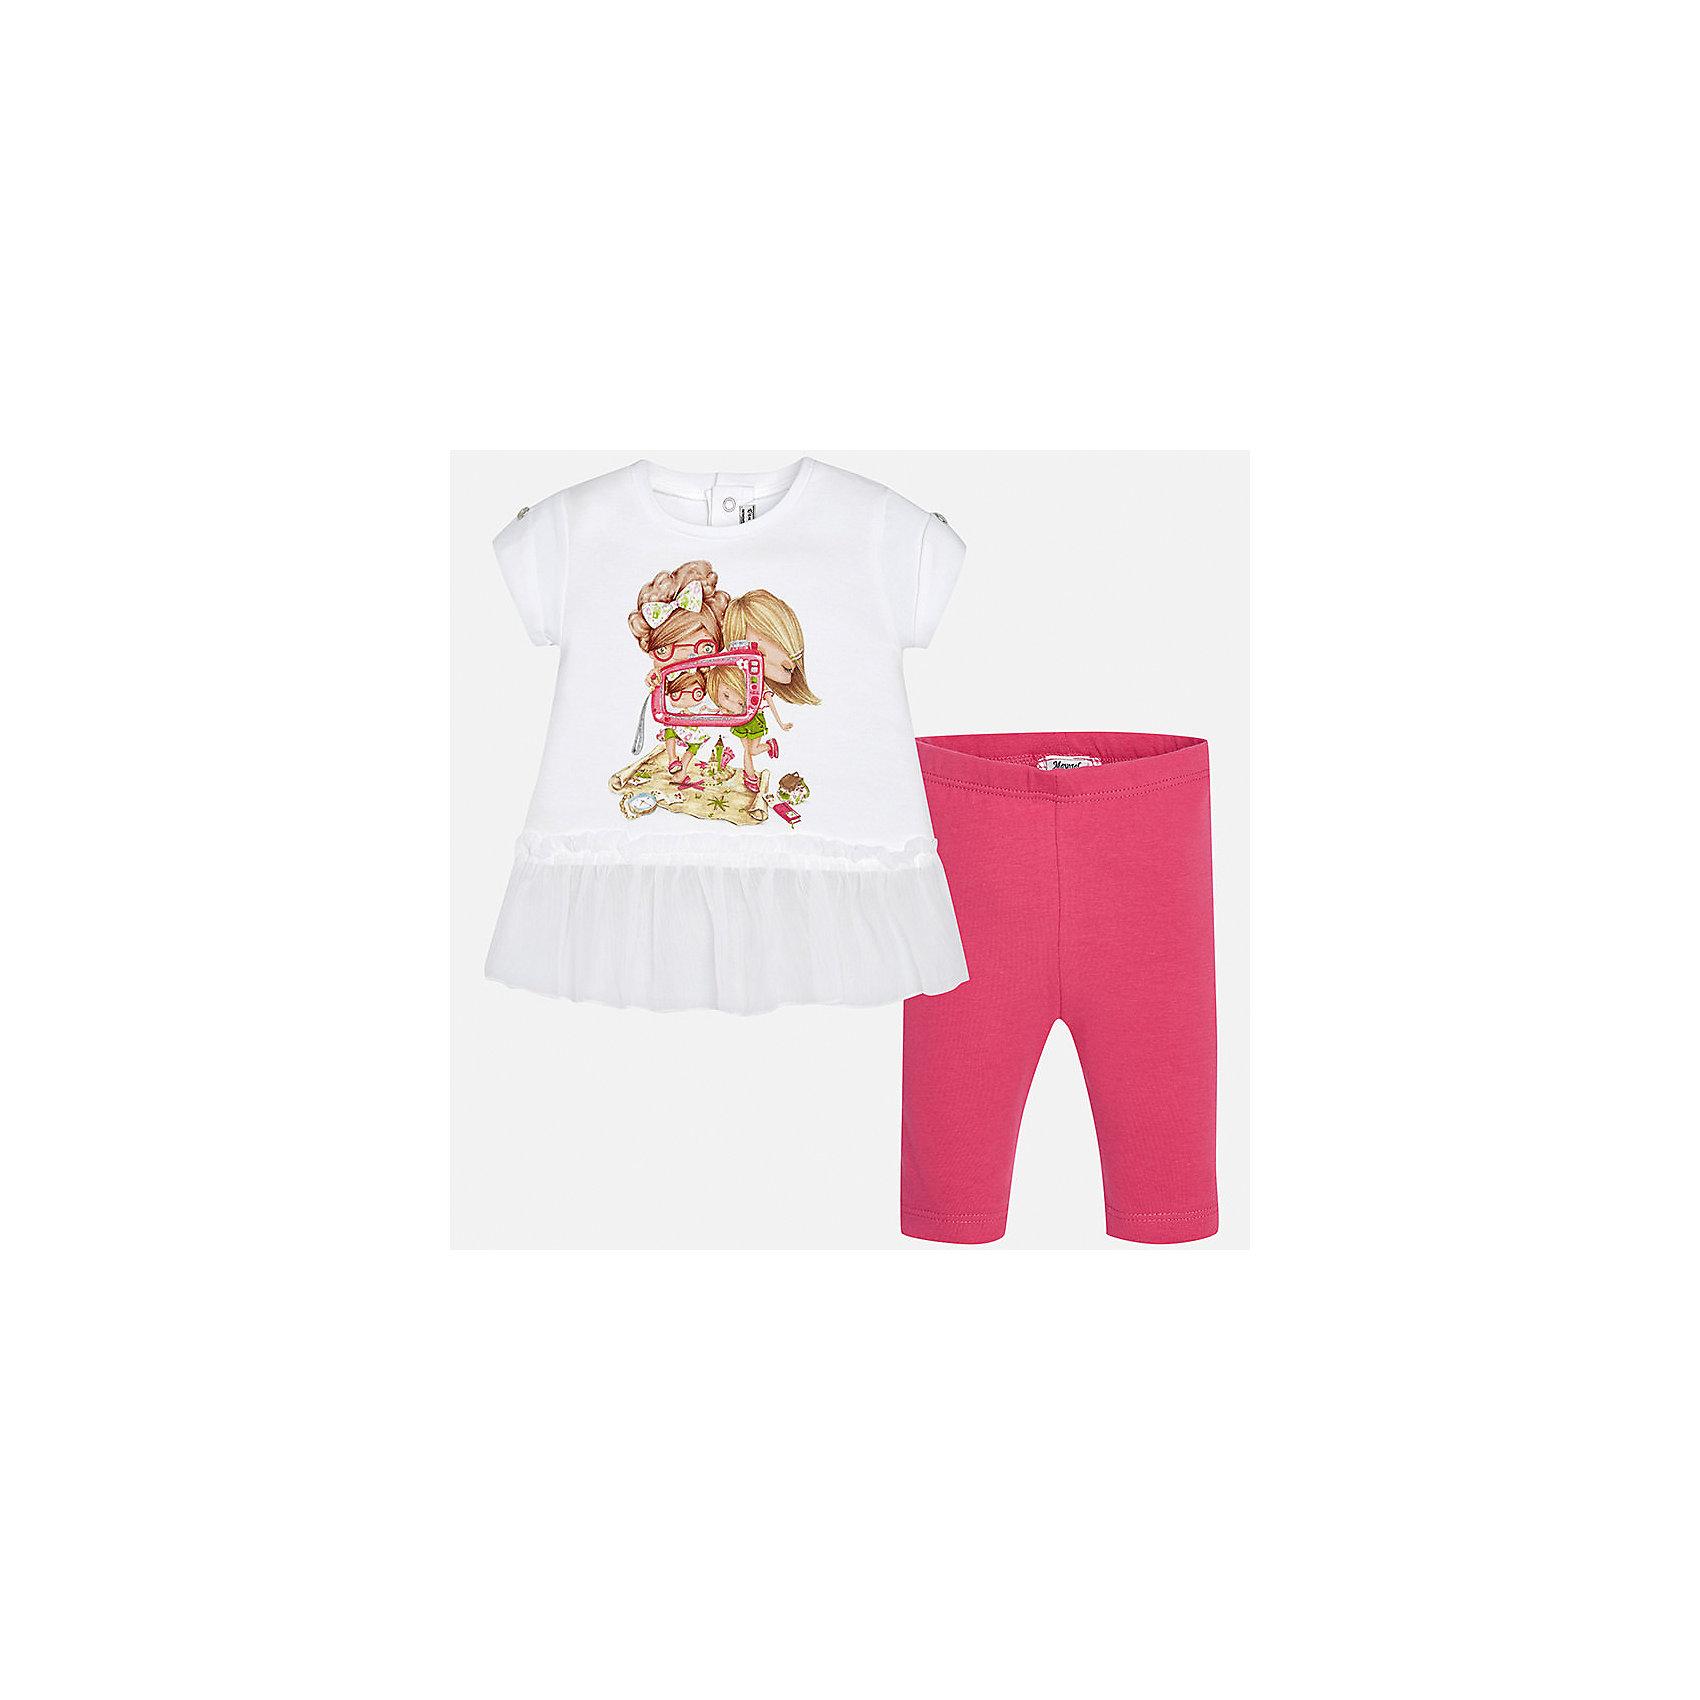 Комплект: футболка и леггинсы для девочки MayoralКомплекты<br>Характеристики товара:<br><br>• цвет: белый/розовый<br>• состав: 95% хлопок, 5% эластан<br>• комплектация: футболка и леггинсы<br>• футболка декорирована принтом<br>• леггинсы однотонные<br>• пояс на резинке<br>• страна бренда: Испания<br><br>Стильный качественный комплект для девочки поможет разнообразить гардероб ребенка и удобно одеться в теплую погоду. Он отлично сочетается с другими предметами. Универсальный цвет позволяет подобрать к вещам верхнюю одежду практически любой расцветки. Интересная отделка модели делает её нарядной и оригинальной. В составе материала - натуральный хлопок, гипоаллергенный, приятный на ощупь, дышащий.<br><br>Одежда, обувь и аксессуары от испанского бренда Mayoral полюбились детям и взрослым по всему миру. Модели этой марки - стильные и удобные. Для их производства используются только безопасные, качественные материалы и фурнитура. Порадуйте ребенка модными и красивыми вещами от Mayoral! <br><br>Комплект: футболка и леггинсы для девочки от испанского бренда Mayoral (Майорал) можно купить в нашем интернет-магазине.<br><br>Ширина мм: 191<br>Глубина мм: 10<br>Высота мм: 175<br>Вес г: 273<br>Цвет: розовый<br>Возраст от месяцев: 6<br>Возраст до месяцев: 9<br>Пол: Женский<br>Возраст: Детский<br>Размер: 74,92,80,86<br>SKU: 5289011